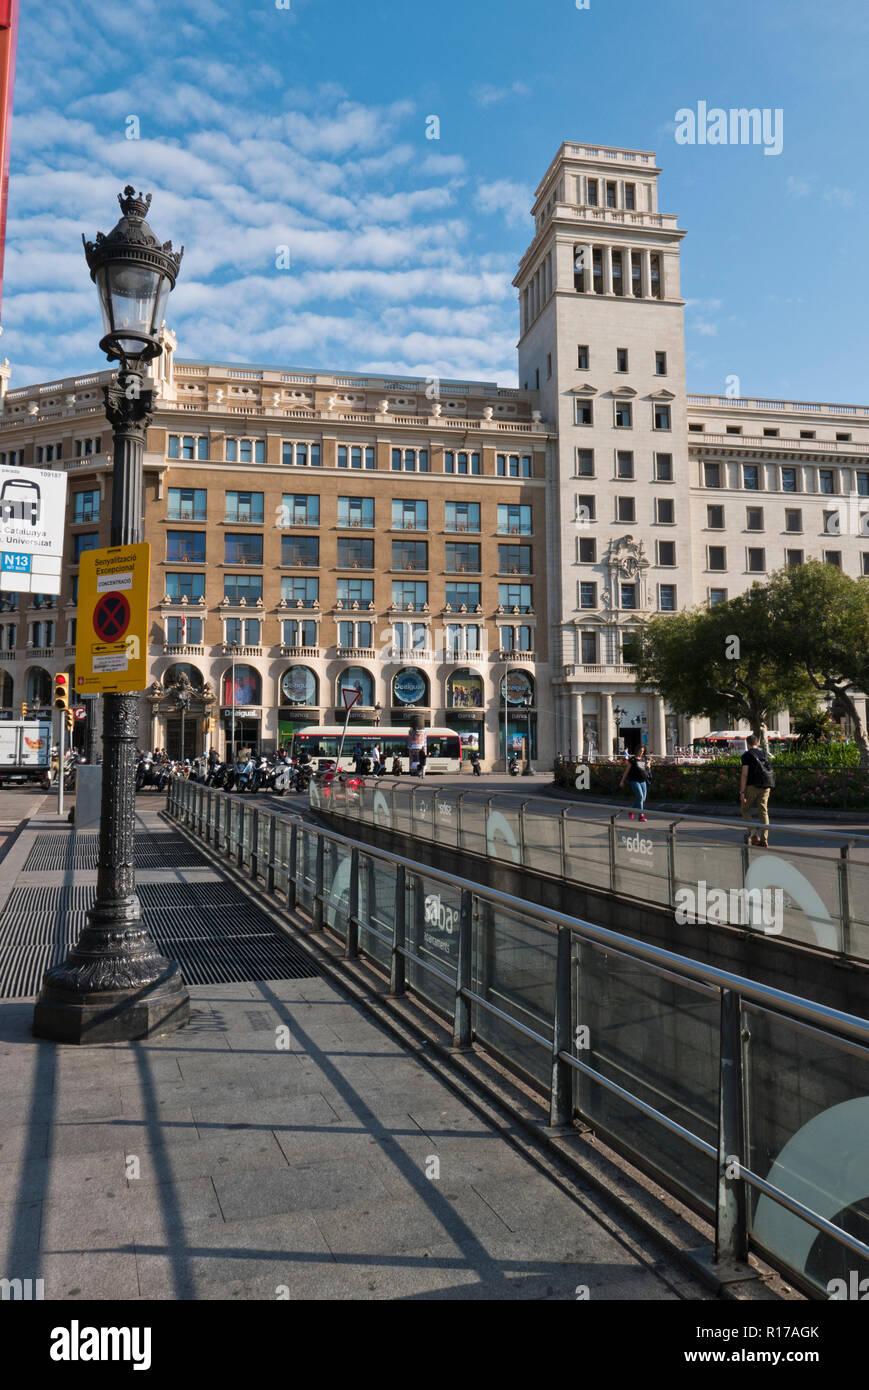 Banco Español de Crédito building in Placa Catalunya, Barcelona, Spain - Stock Image